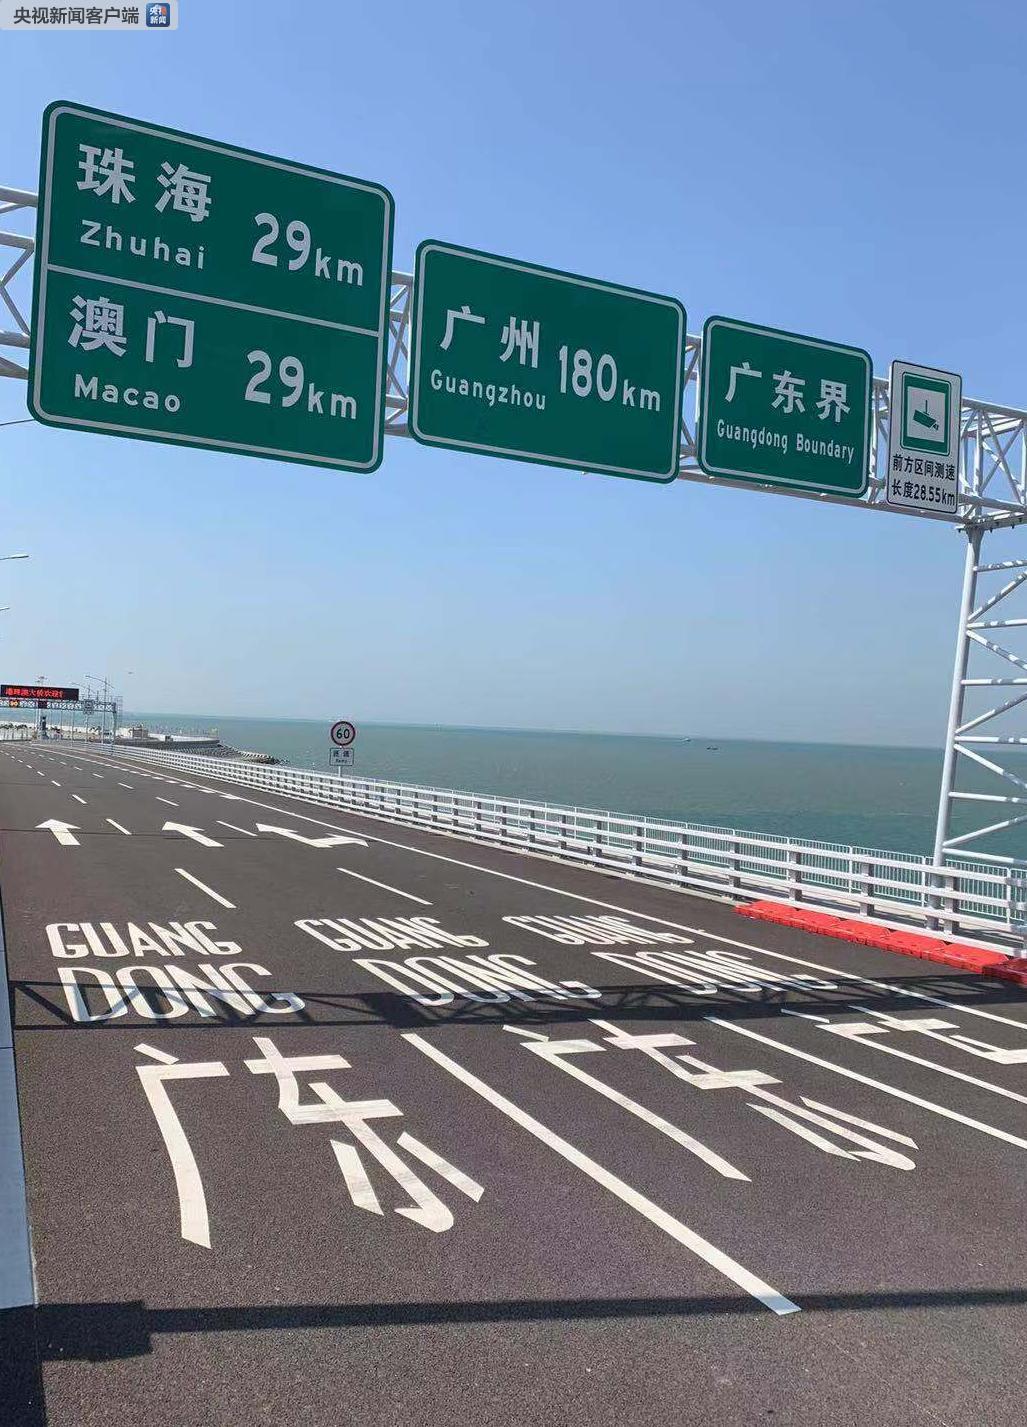 香港警方24小时驻守港珠澳大桥 确保安全